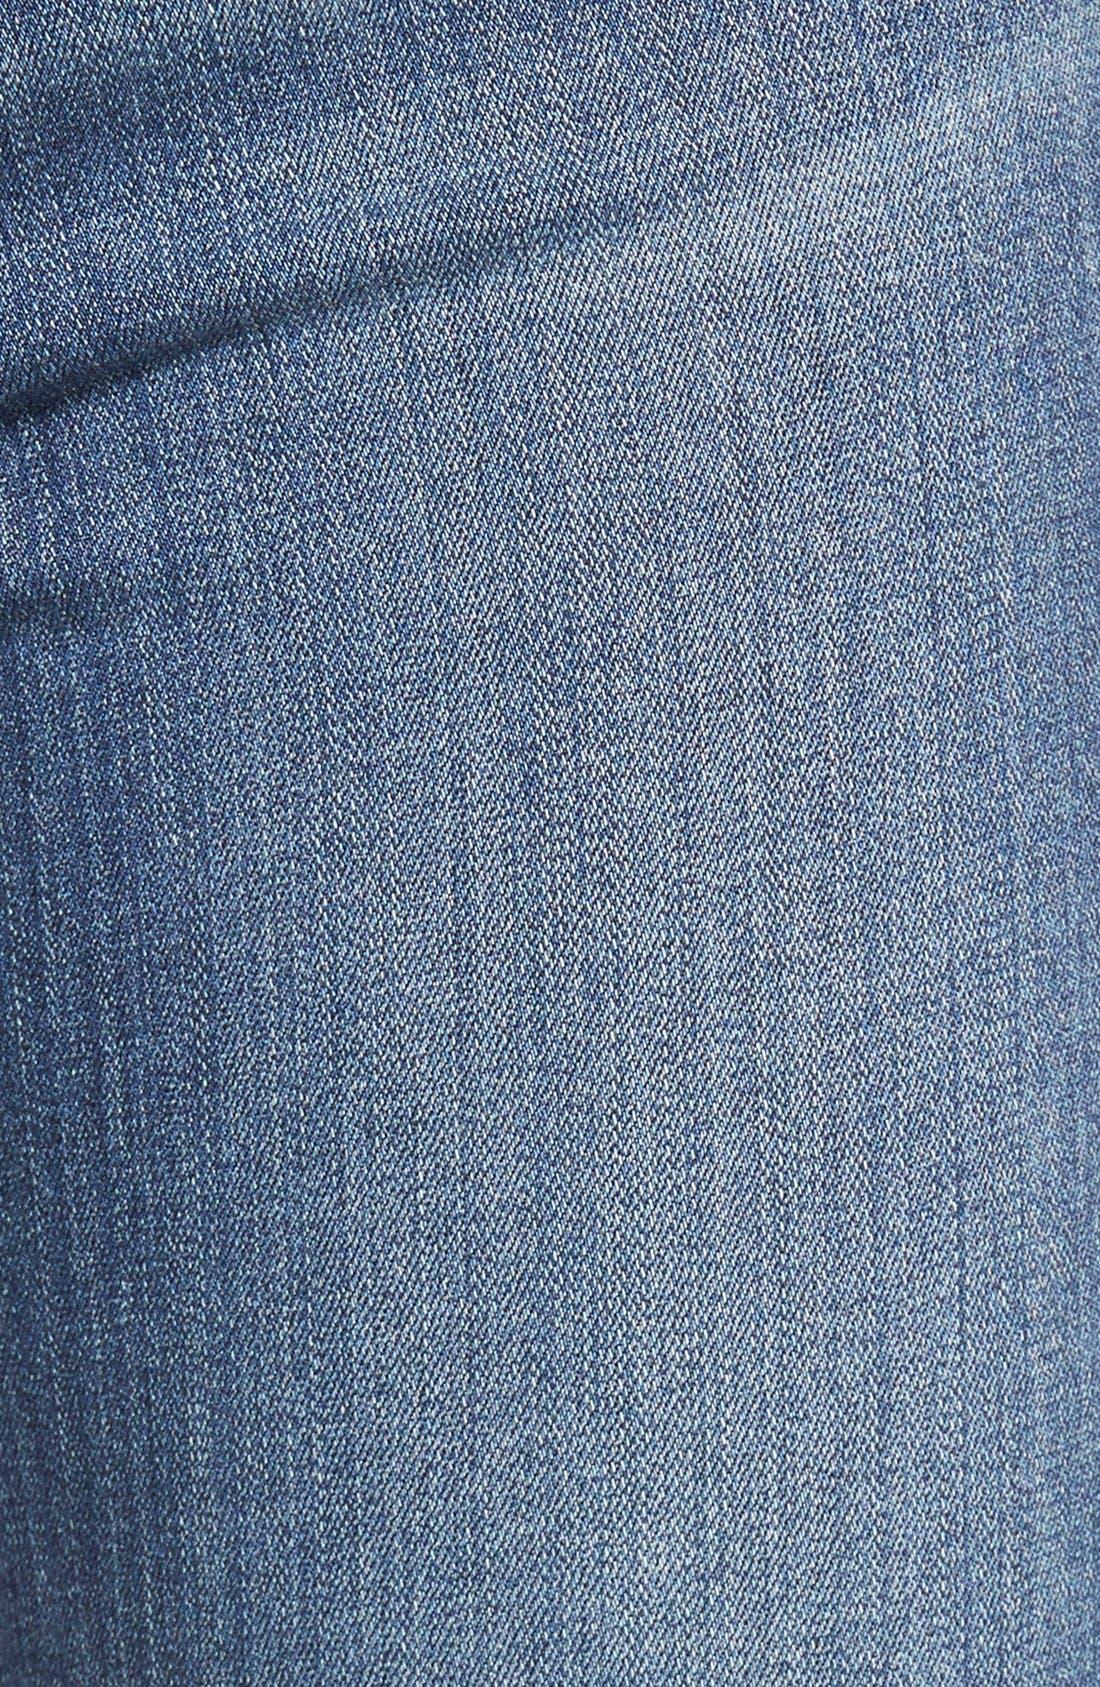 Alternate Image 5  - Paige Denim 'Transcend - Hoxton' High Rise Ankle Ultra Skinny Jeans (Linden)